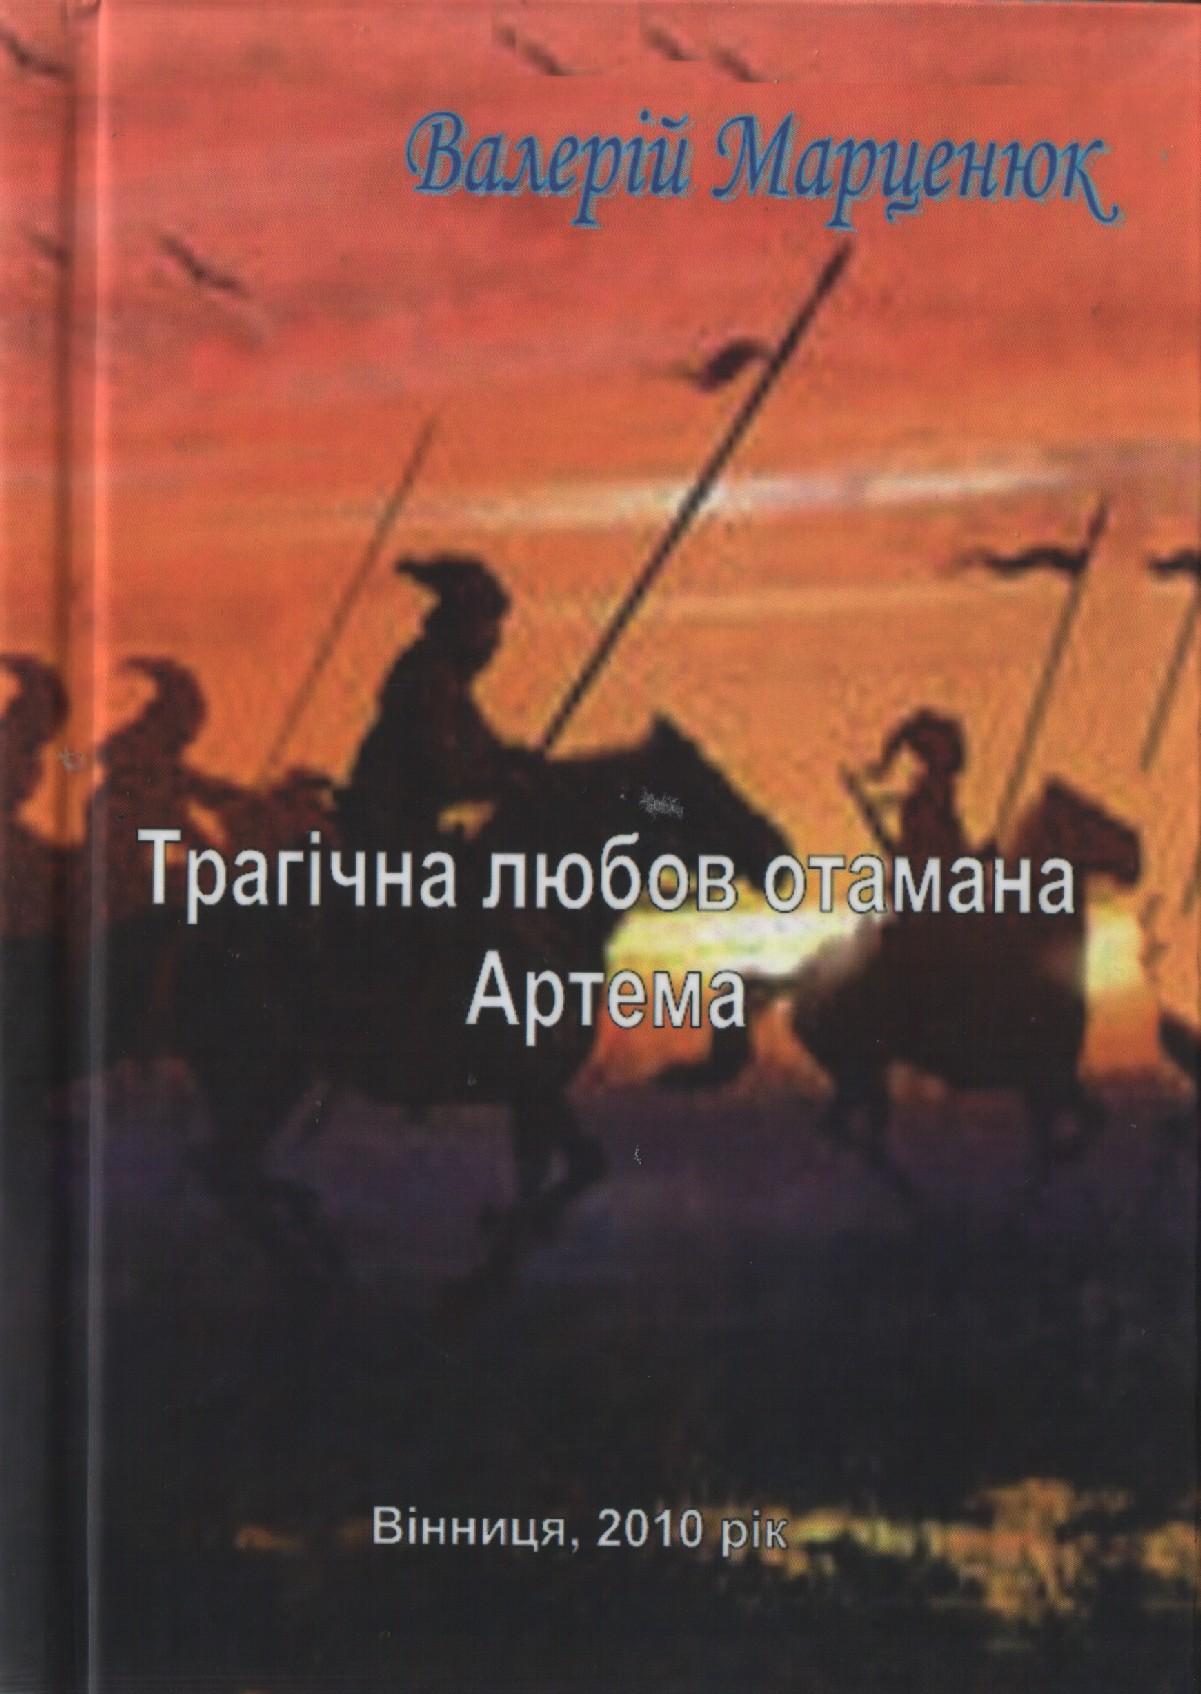 Валерій Марценюк Трагічна любов отамана Артема сборник історія україни очима письменників